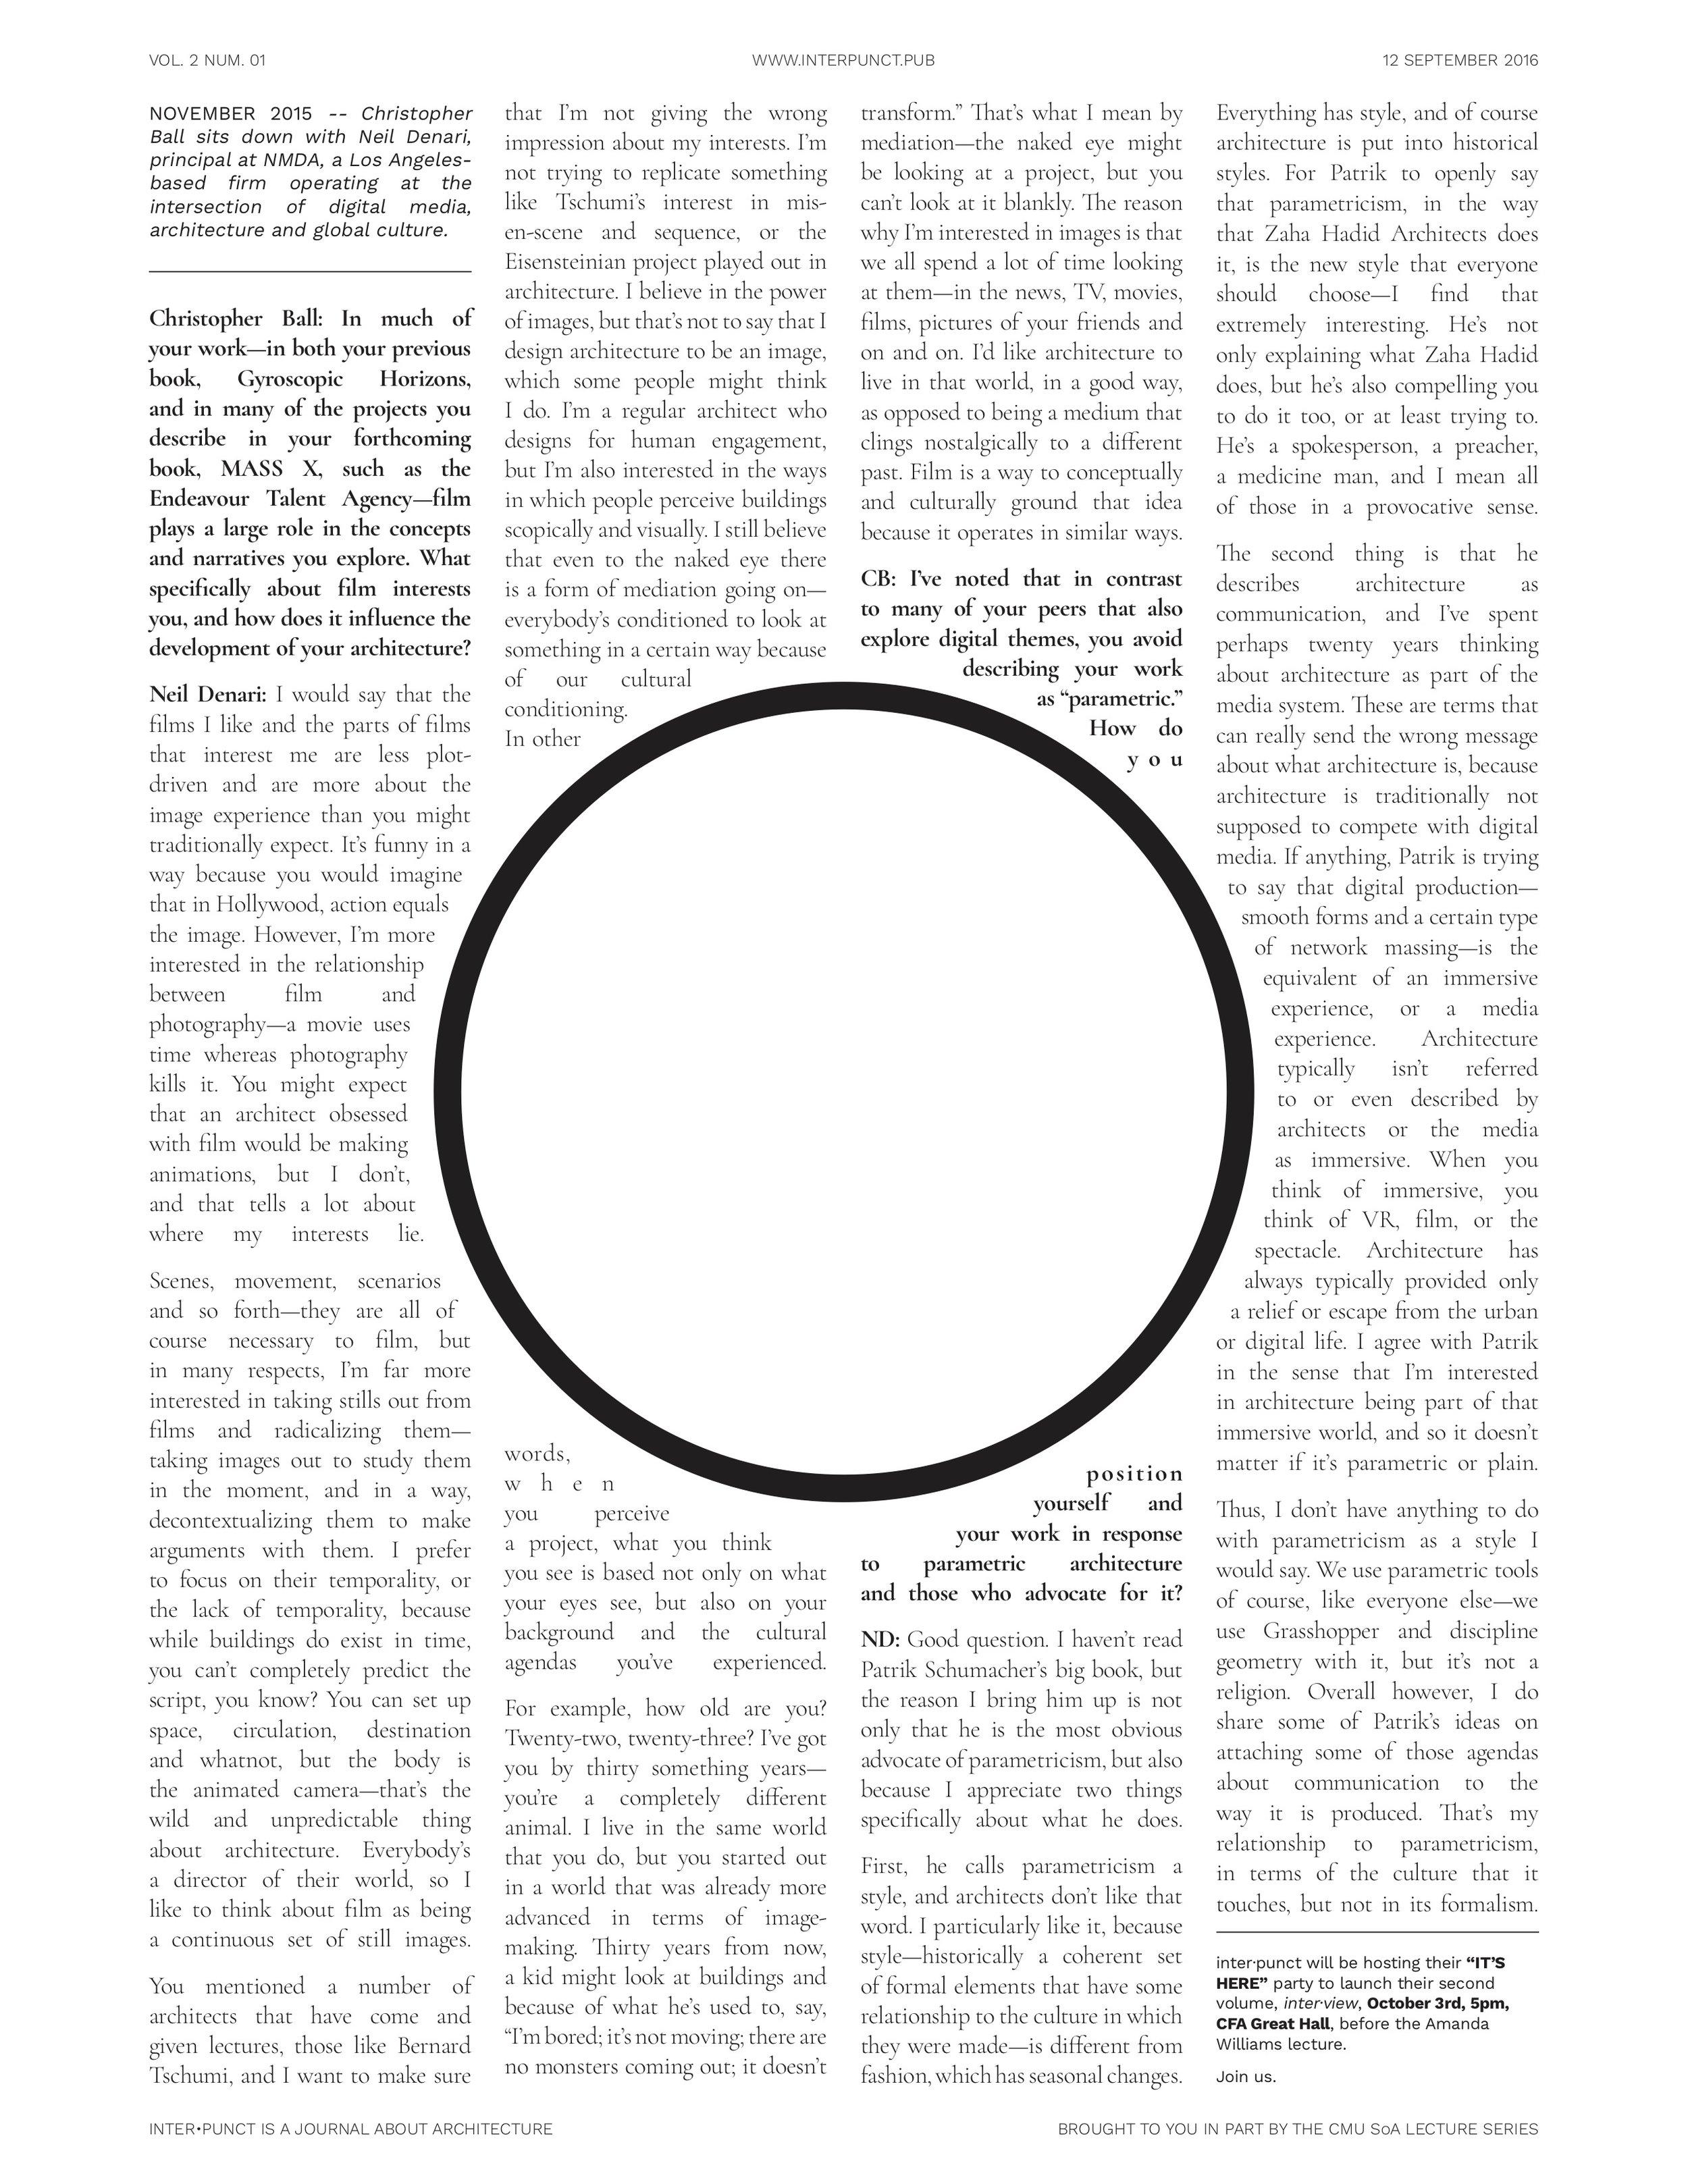 Newsletter01_mford_PRINT_02.jpg